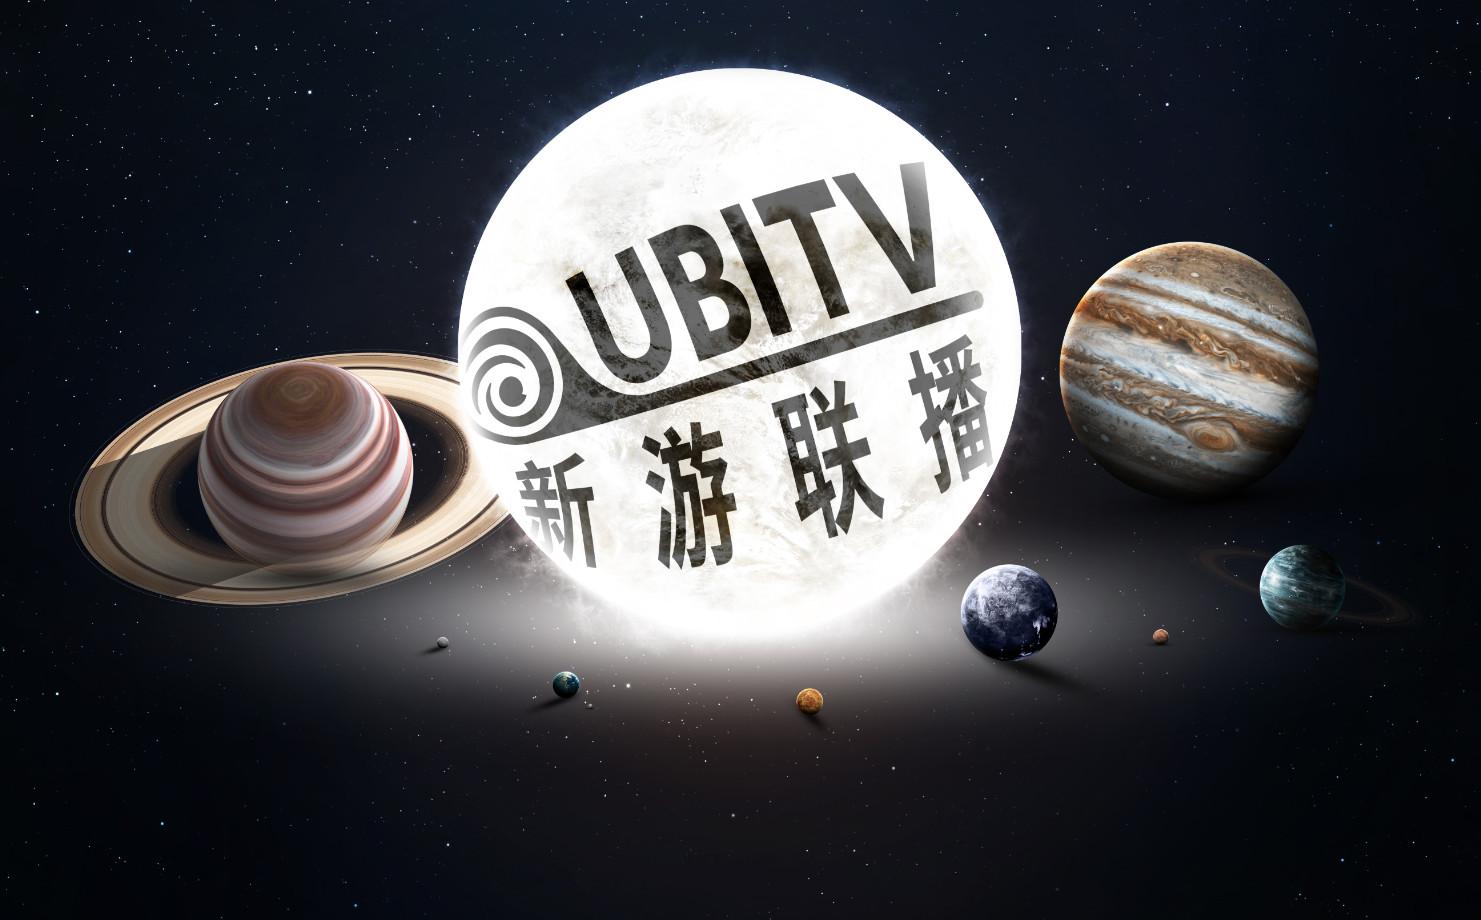 育碧中国《新游联播》6月13日晚播出 深入解读前瞻会